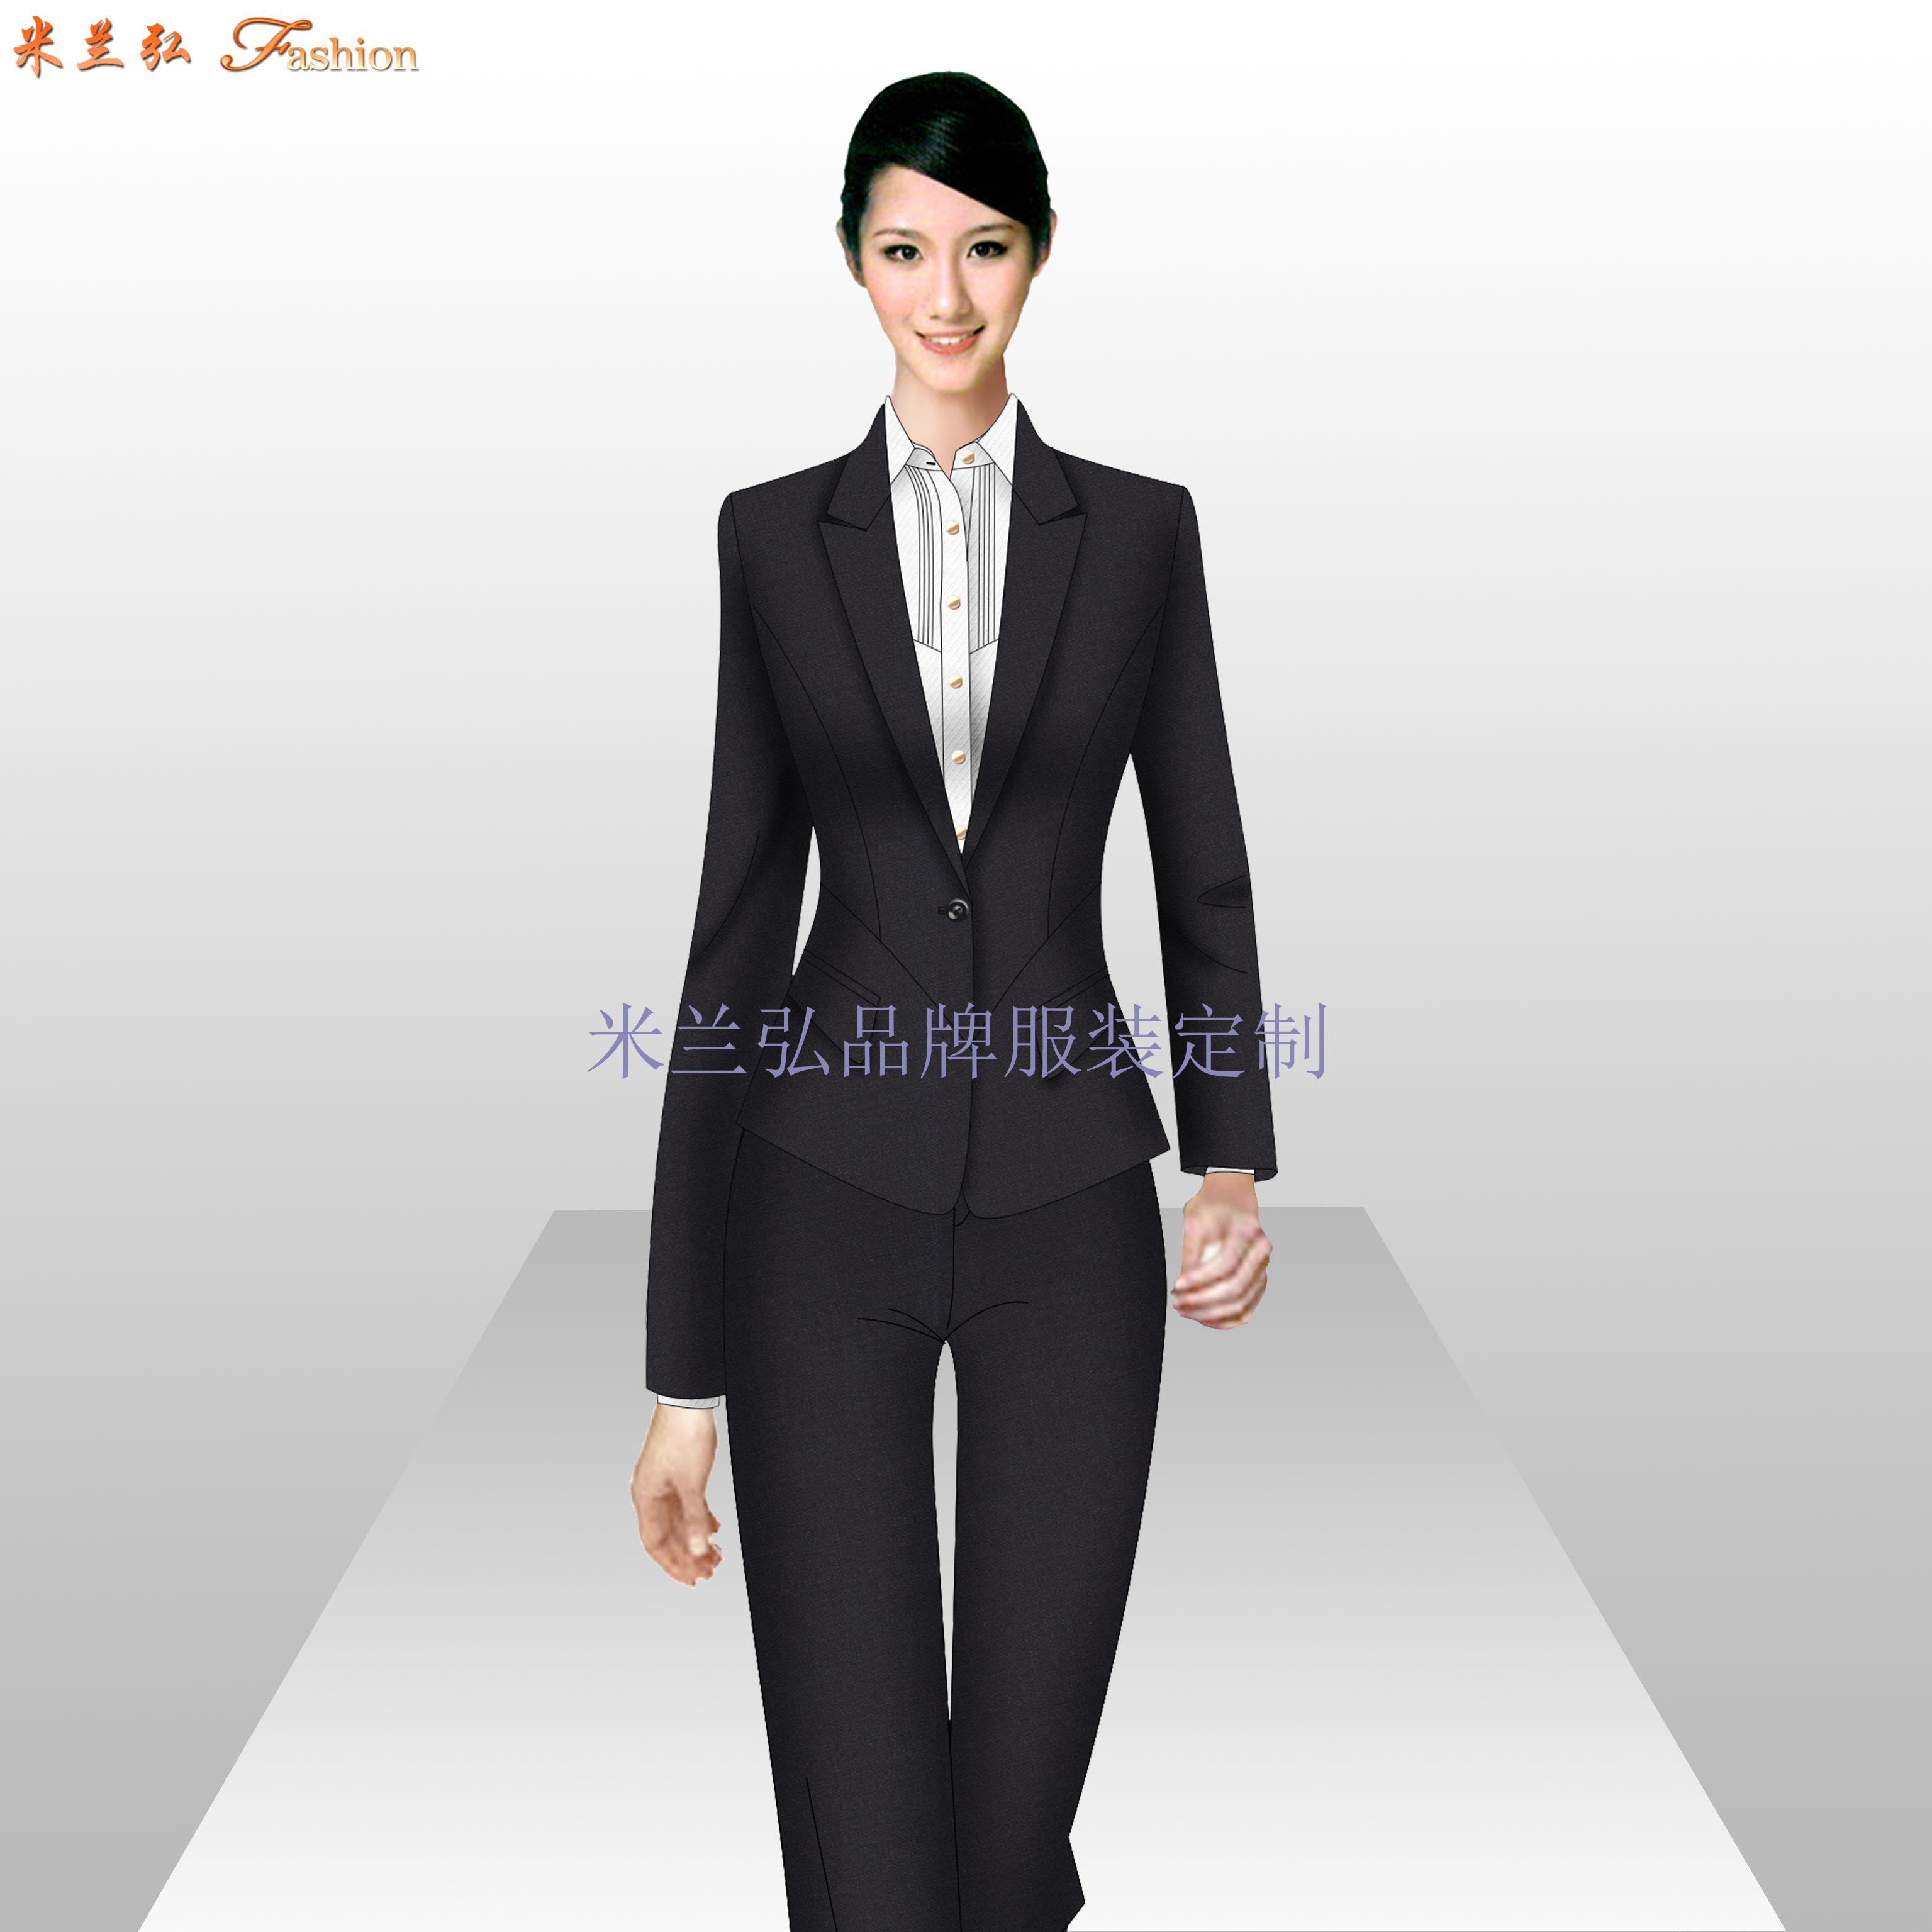 銀行服裝定做_金融機構正裝量身定制-米蘭弘服裝廠家-2